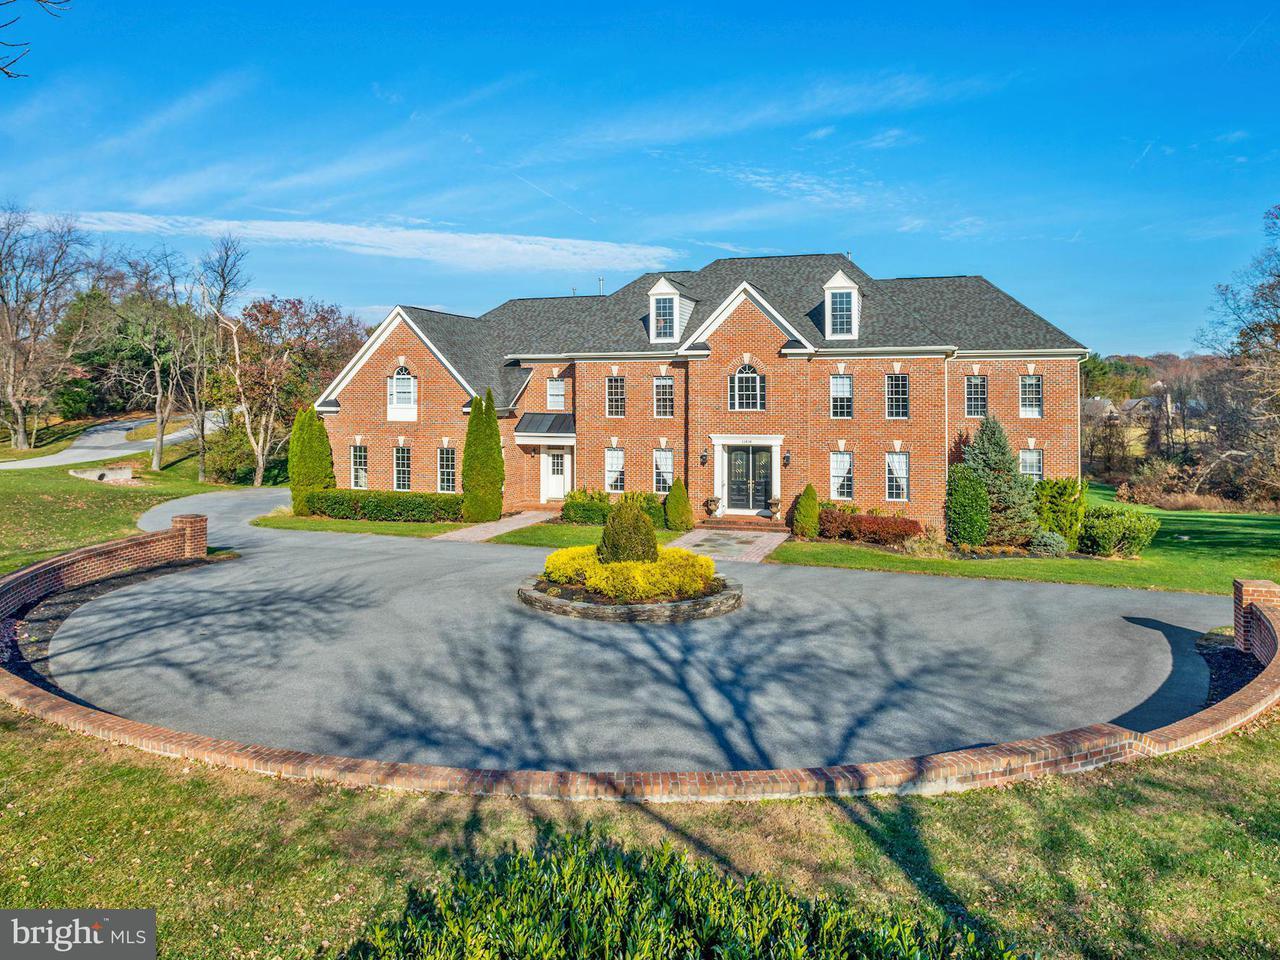 一戸建て のために 売買 アット 13616 GILBRIDE Lane 13616 GILBRIDE Lane Clarksville, メリーランド 21029 アメリカ合衆国